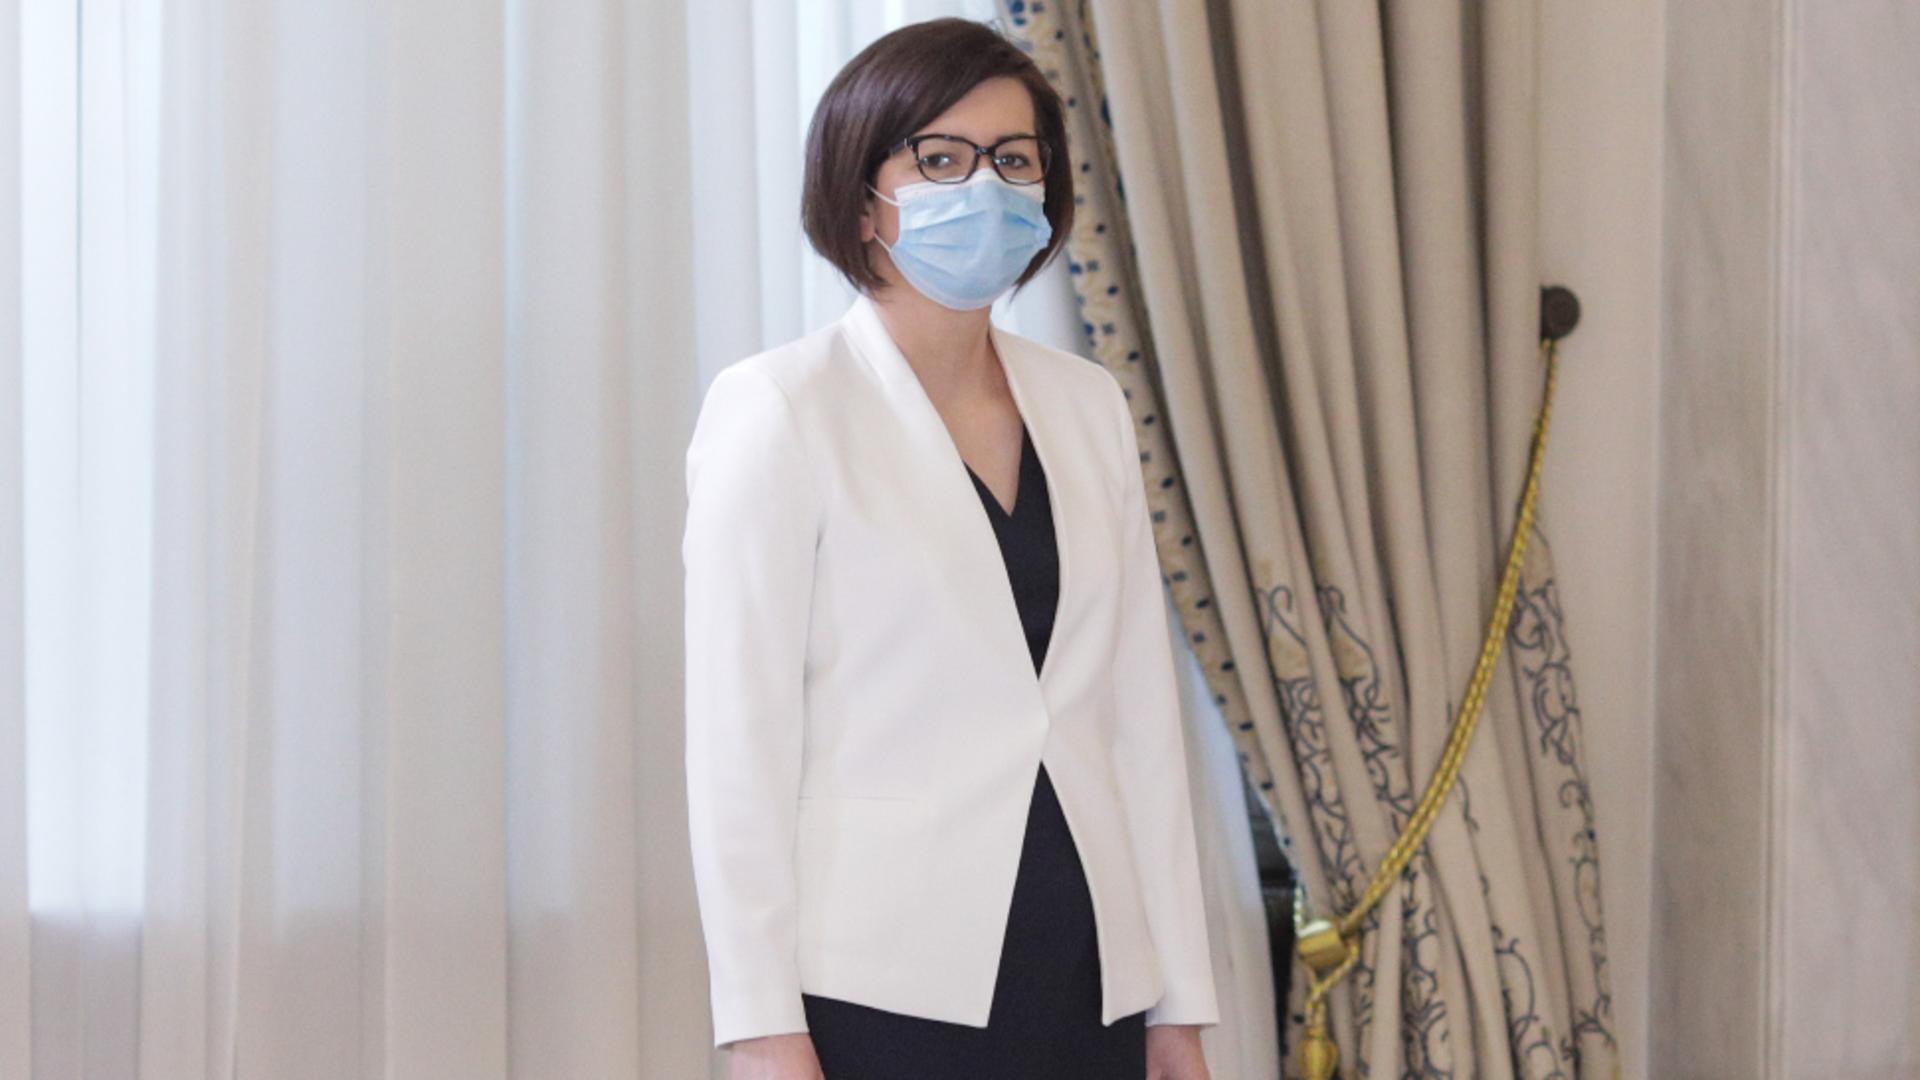 Ioana Mihăilă, Ministerul Sănătății / Foto: Inquam Photos / Octav Ganea